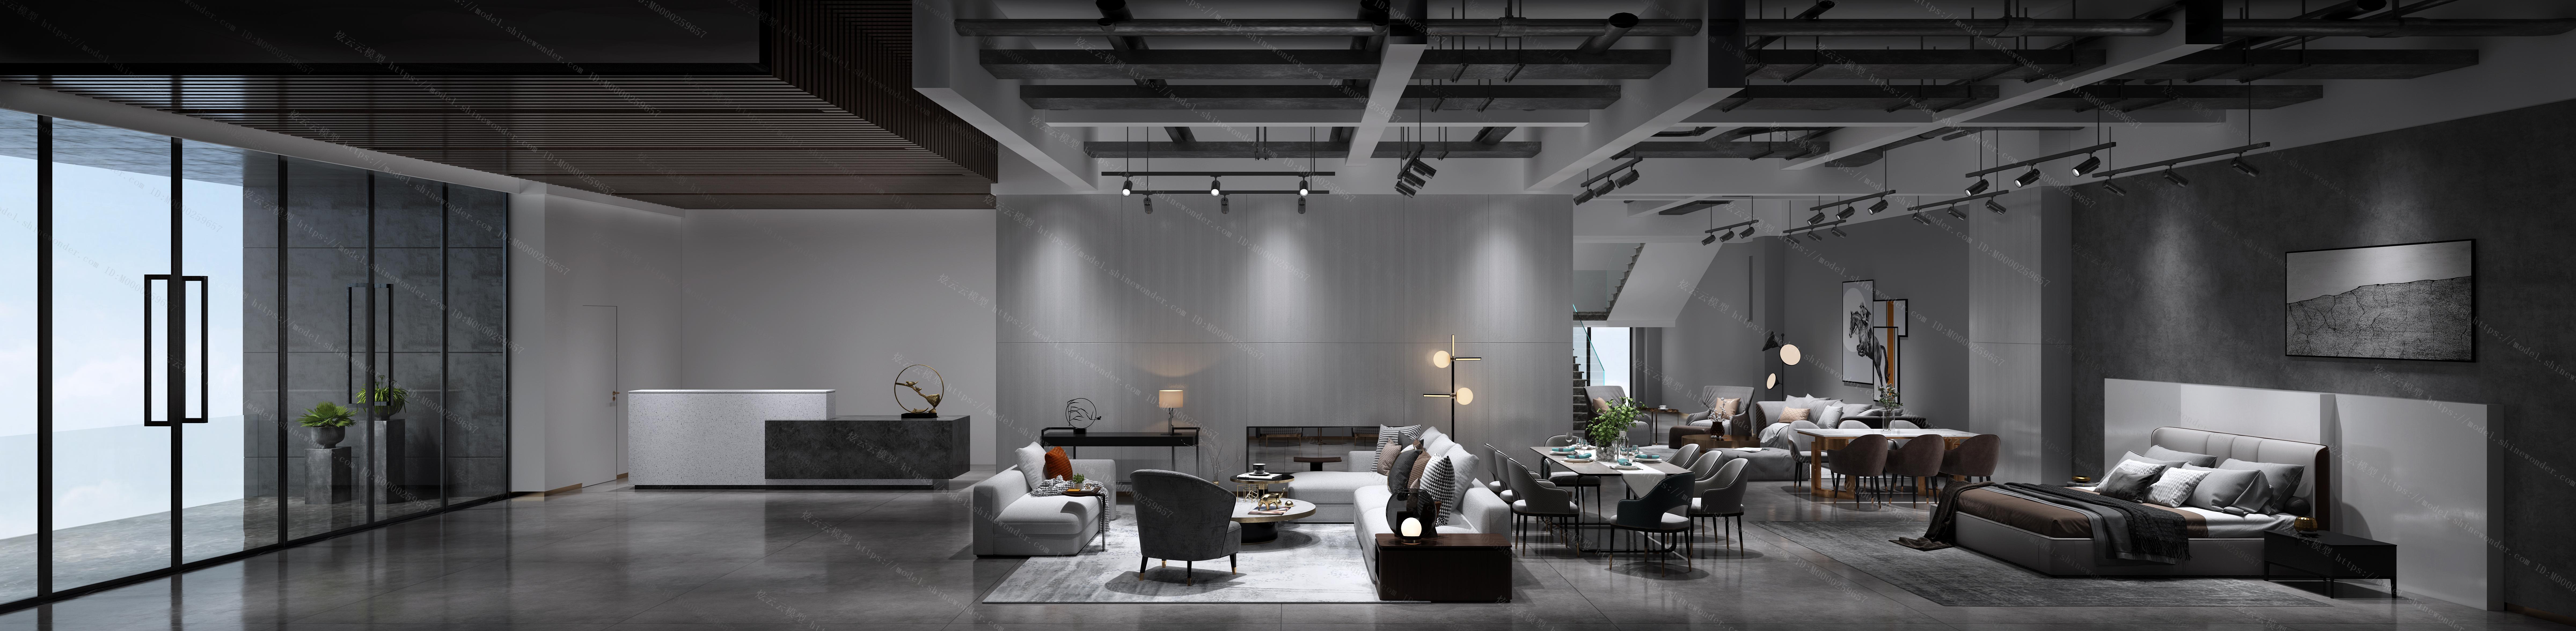 现代家居展厅模型